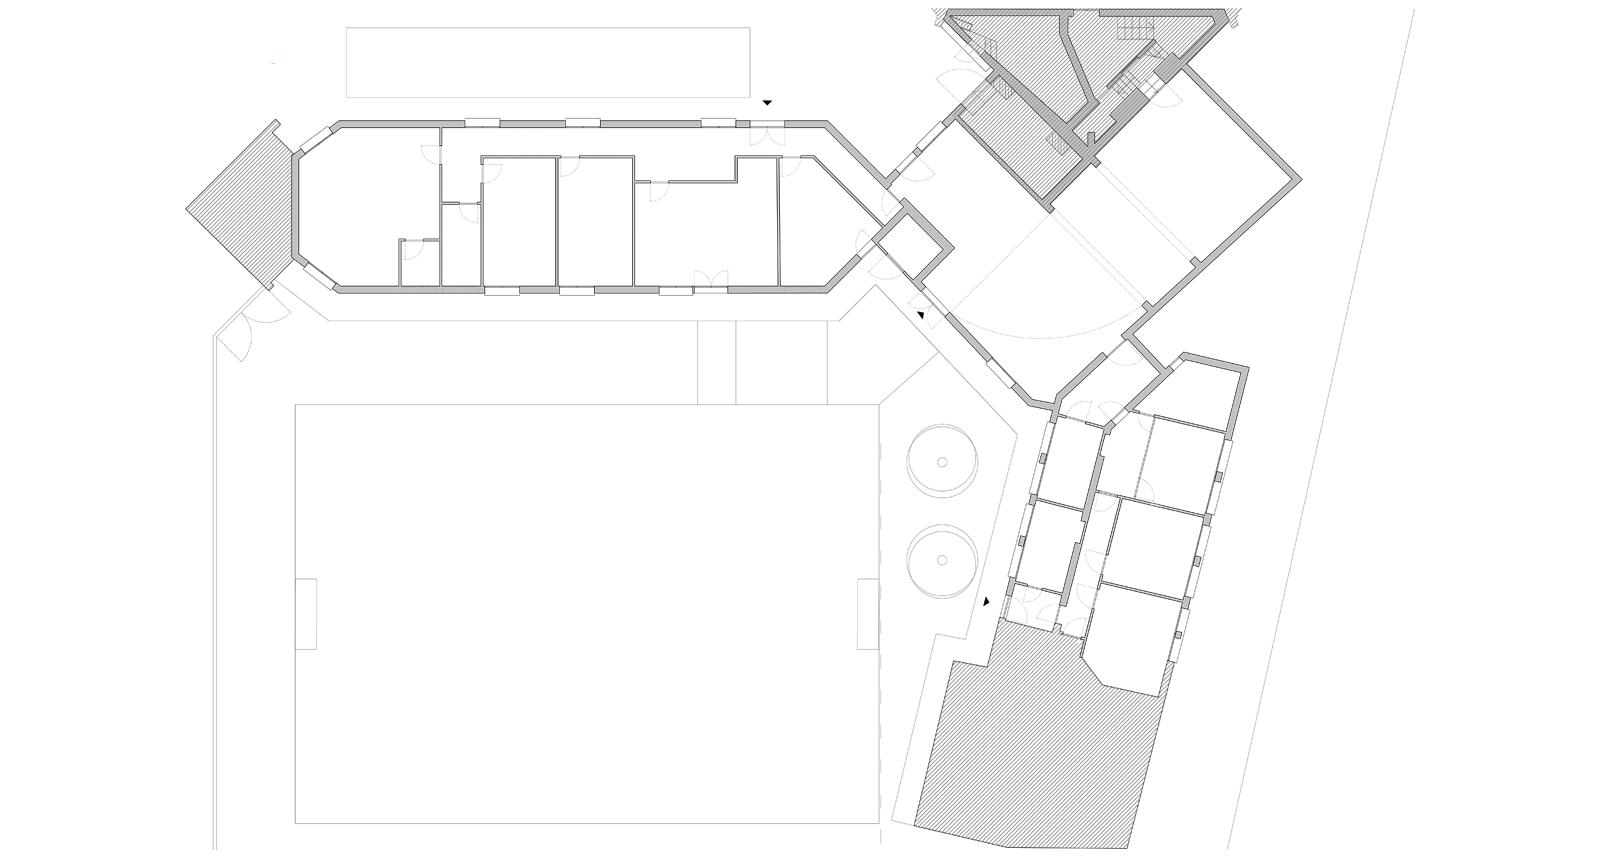 parrocchia-immacolata-plan-existing